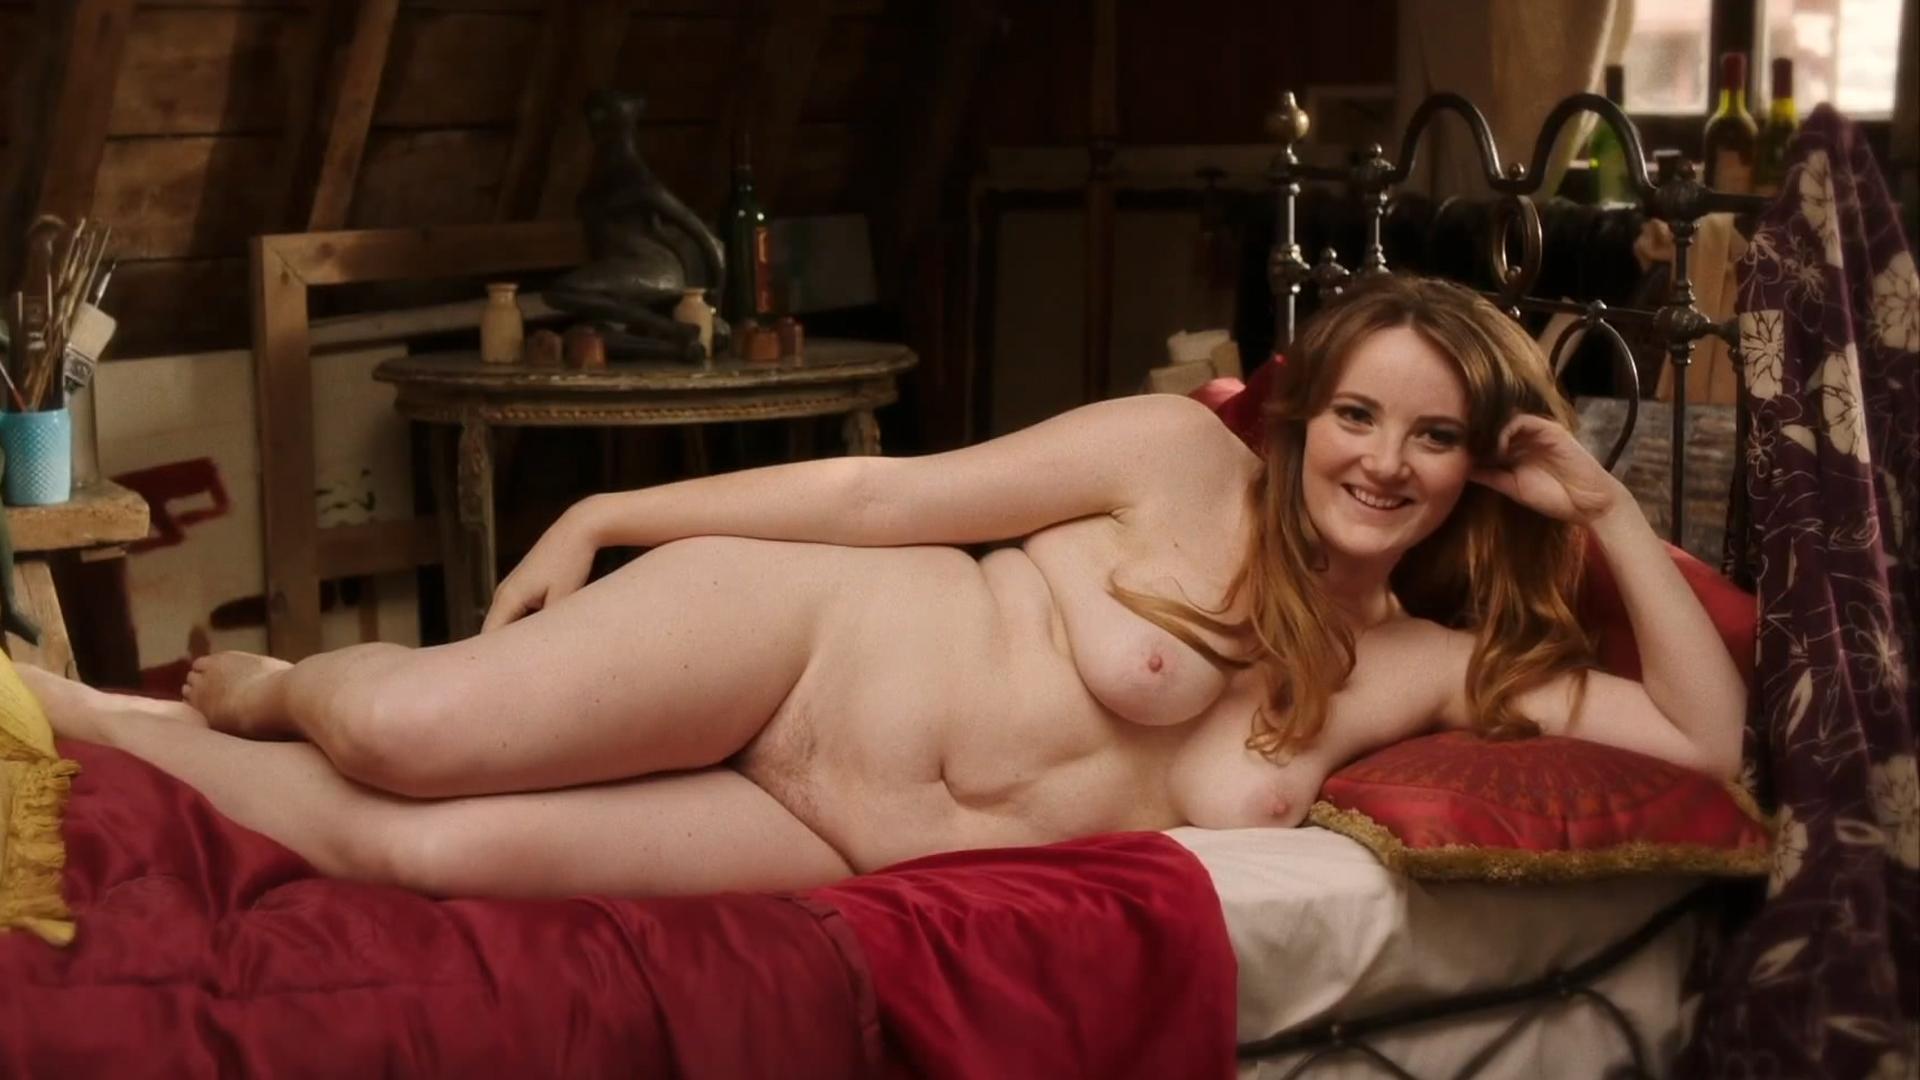 British ebony porn stars